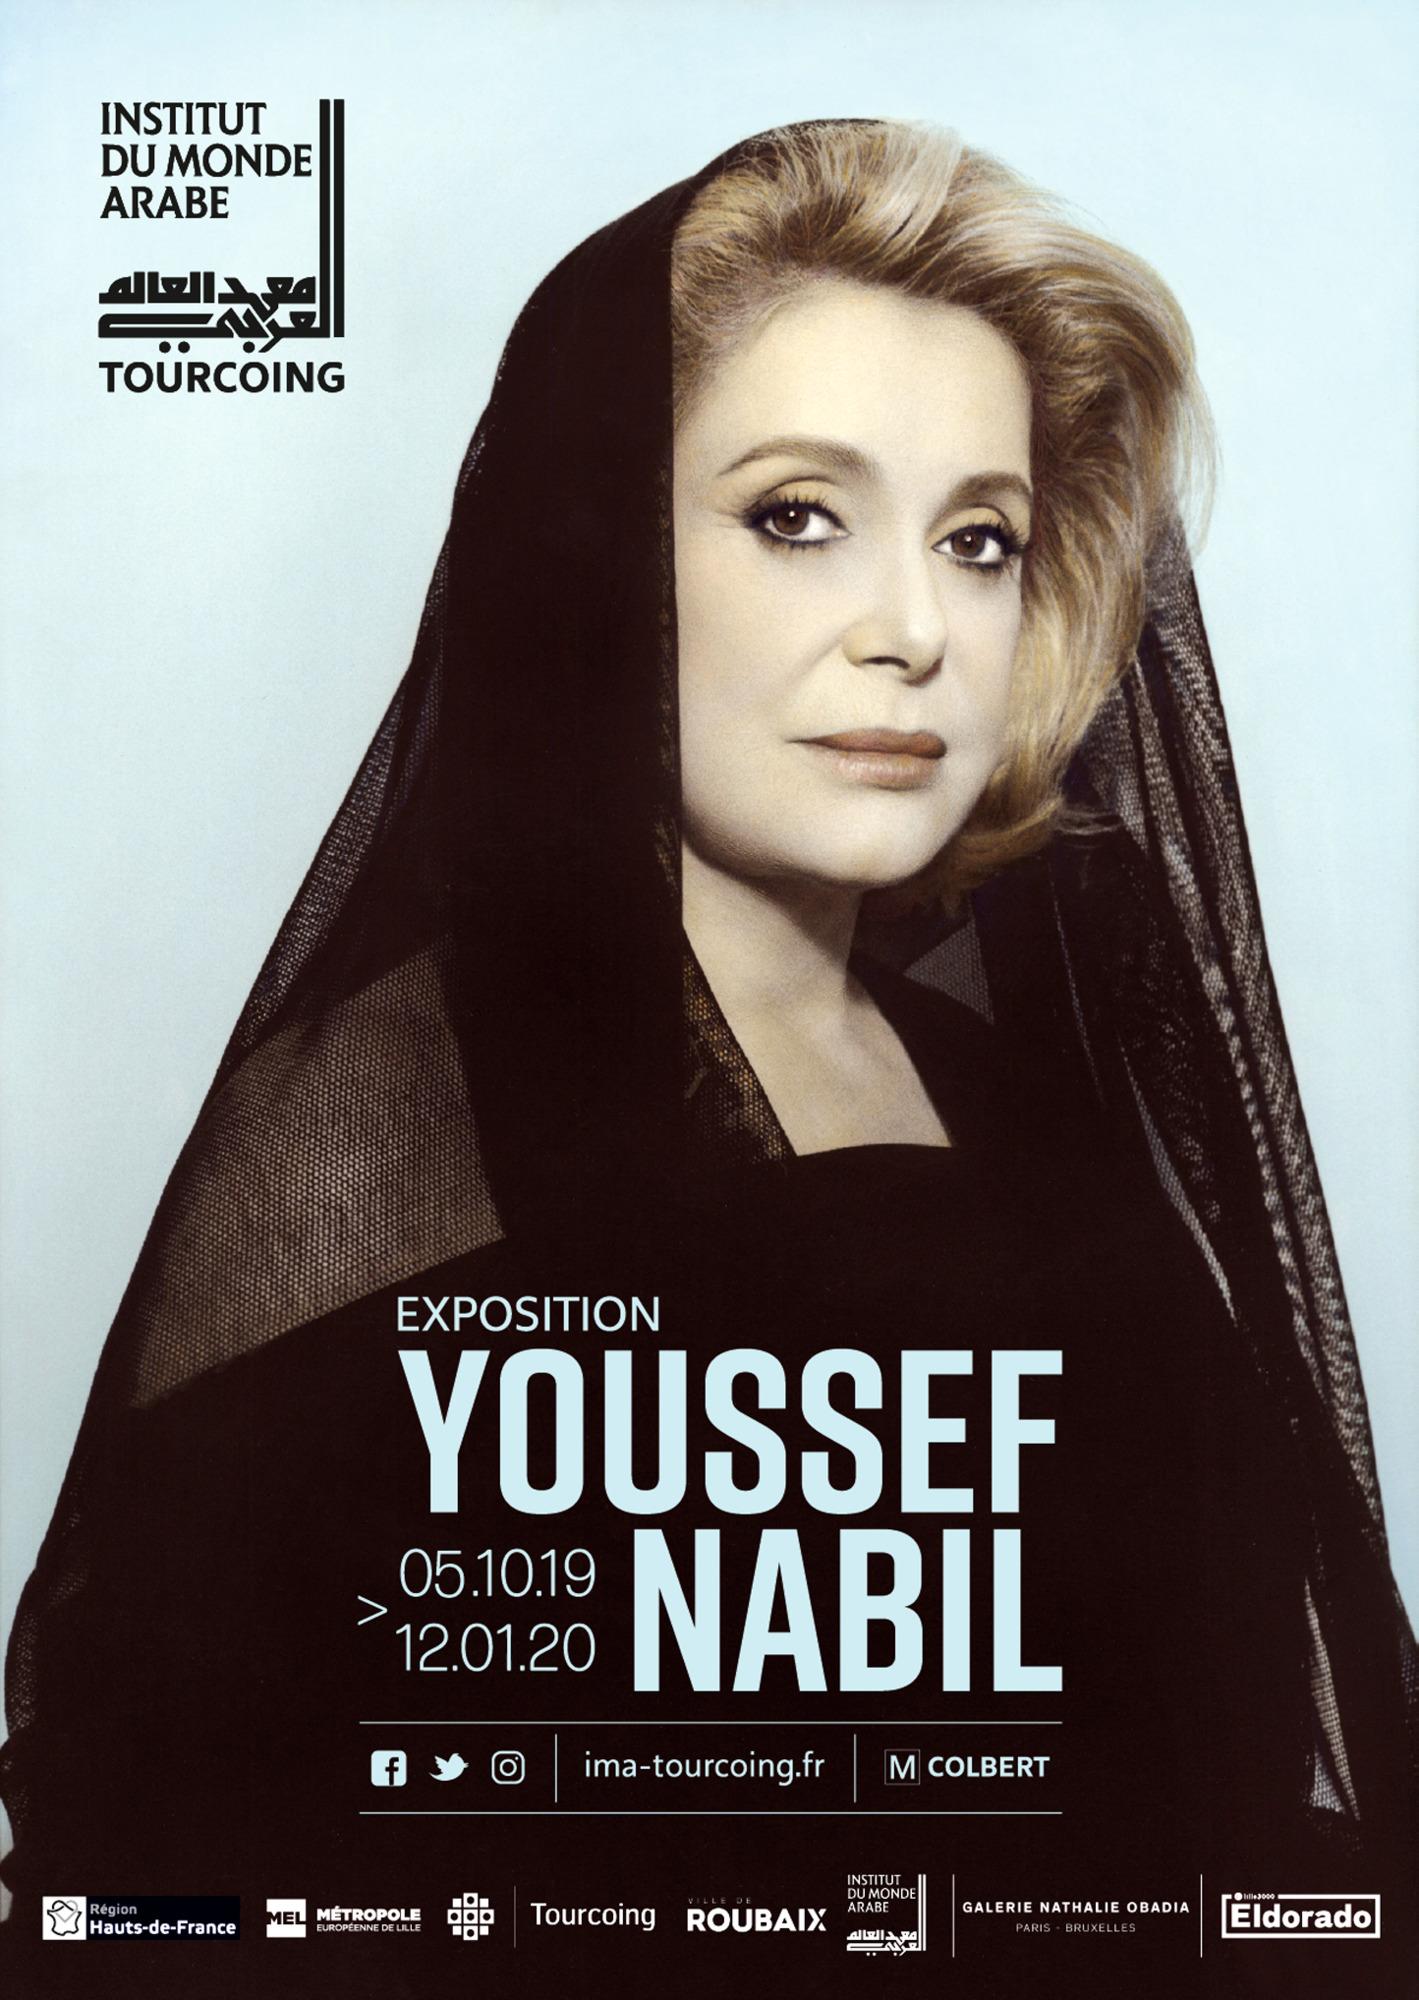 «Youssef Nabil», Institut du monde arabe de Tourcoing, 9, rue Gabriel-Péri, 59200 Tourcoing, jusqu'au 12janvier 2020.